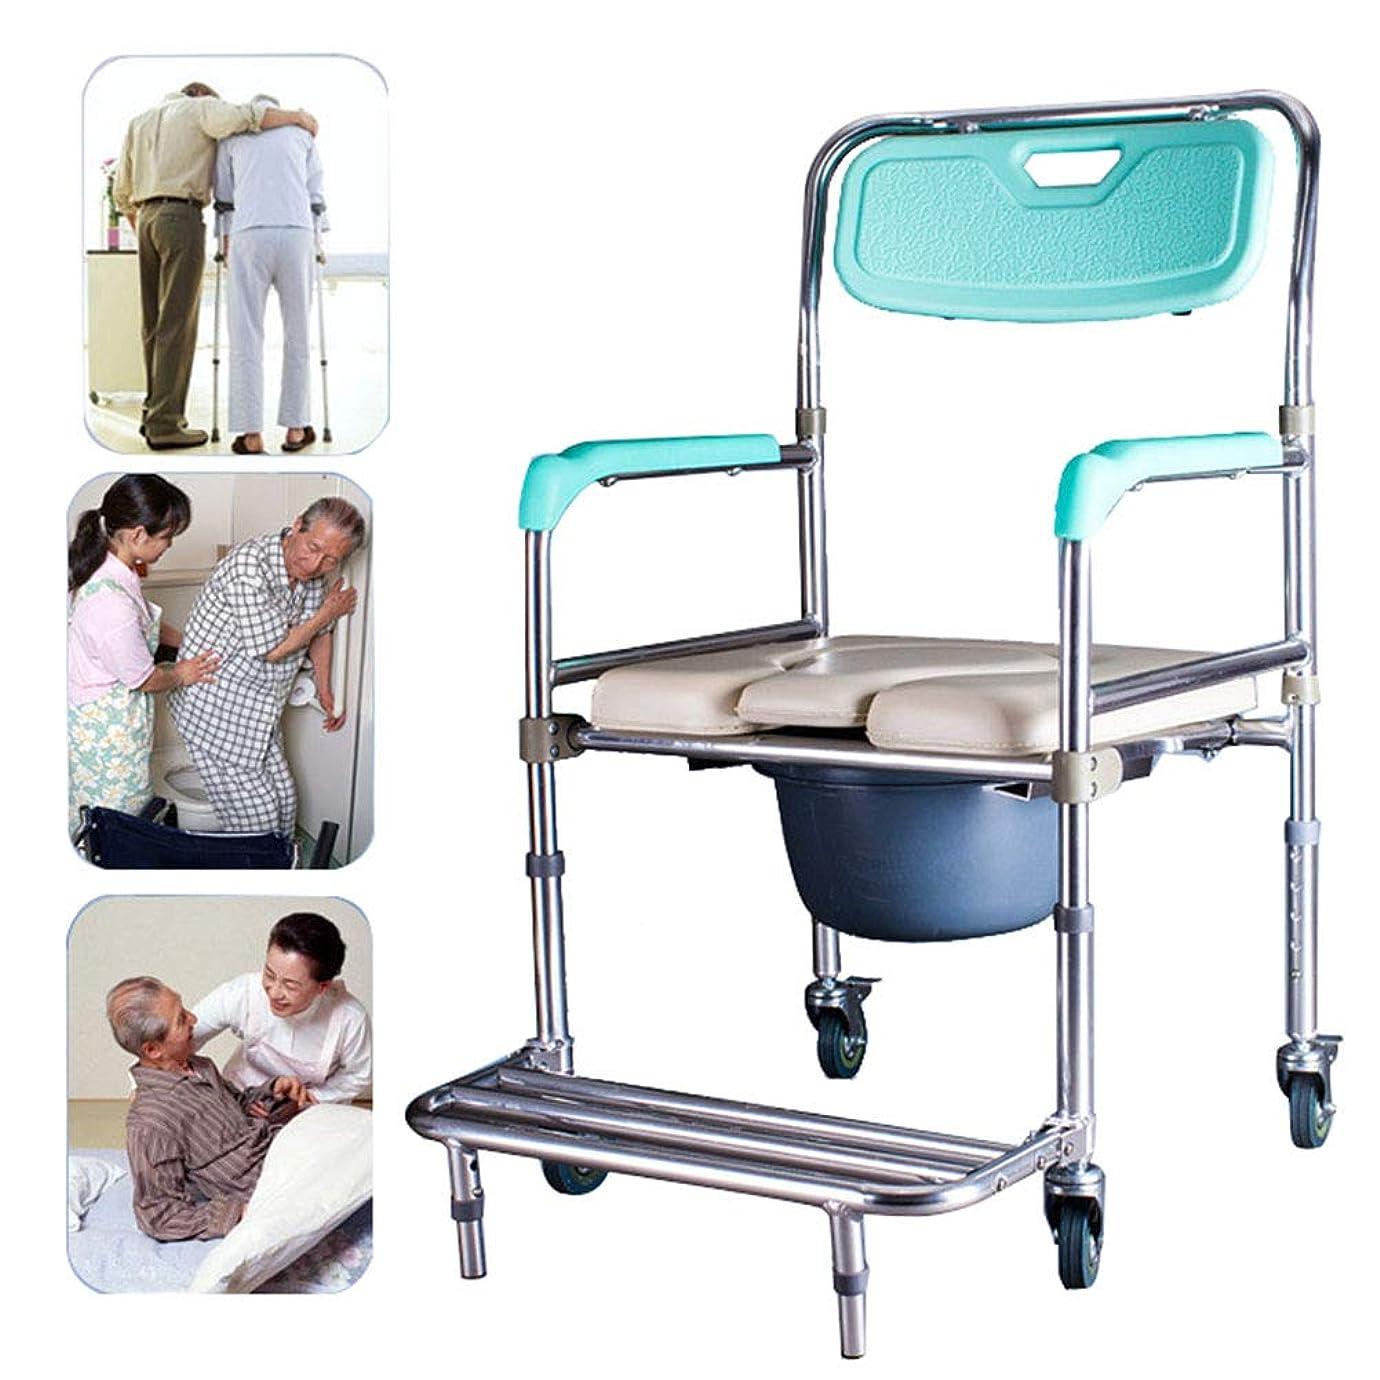 どうしたのたっぷり可決トイレ便器、移動式シャワーチェア、移動式便器チェア、身体障害者用便座、250ポンド体重収容